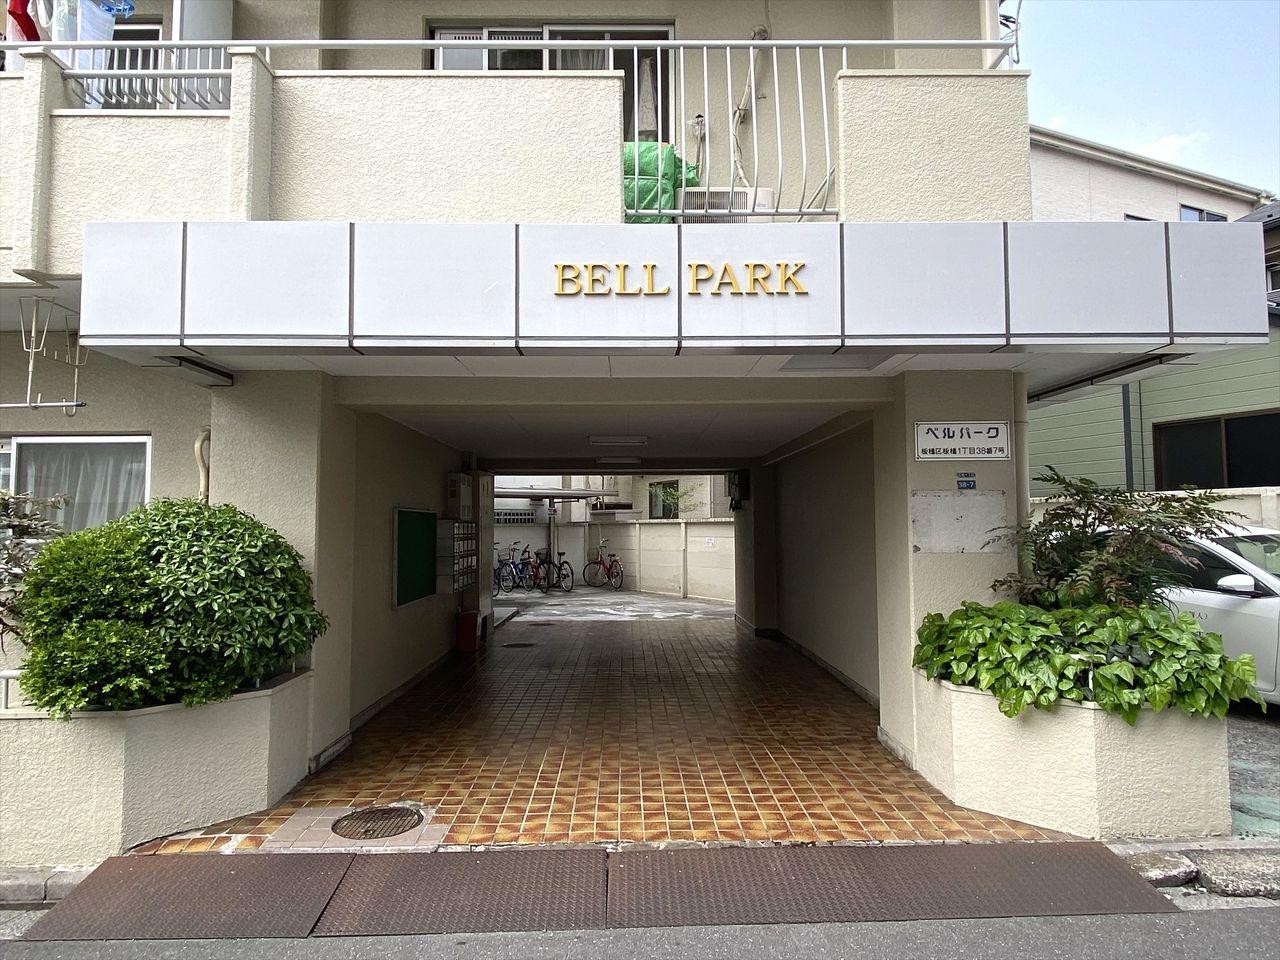 下板橋駅徒歩2分で通勤通学に便利な賃貸マンション ベルパークのエントランスです。